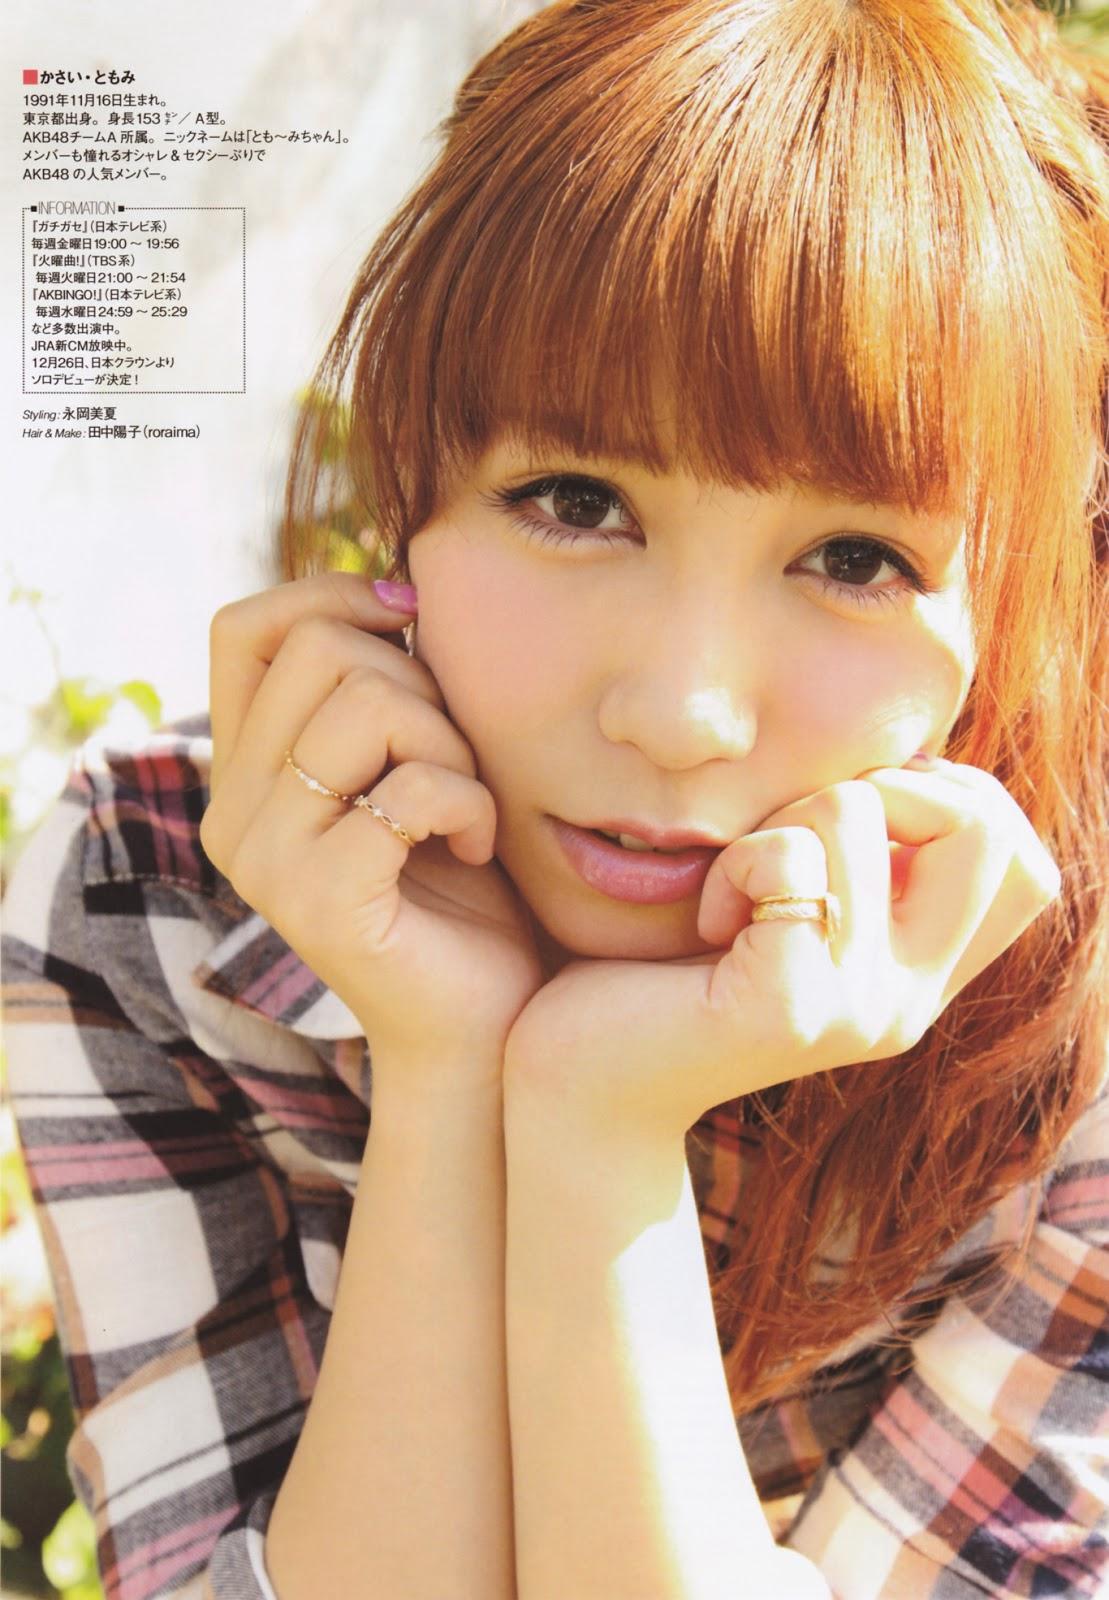 Yo les gens! AKB48+Tomomi+Kasai+My+Girl+My+Cat+05